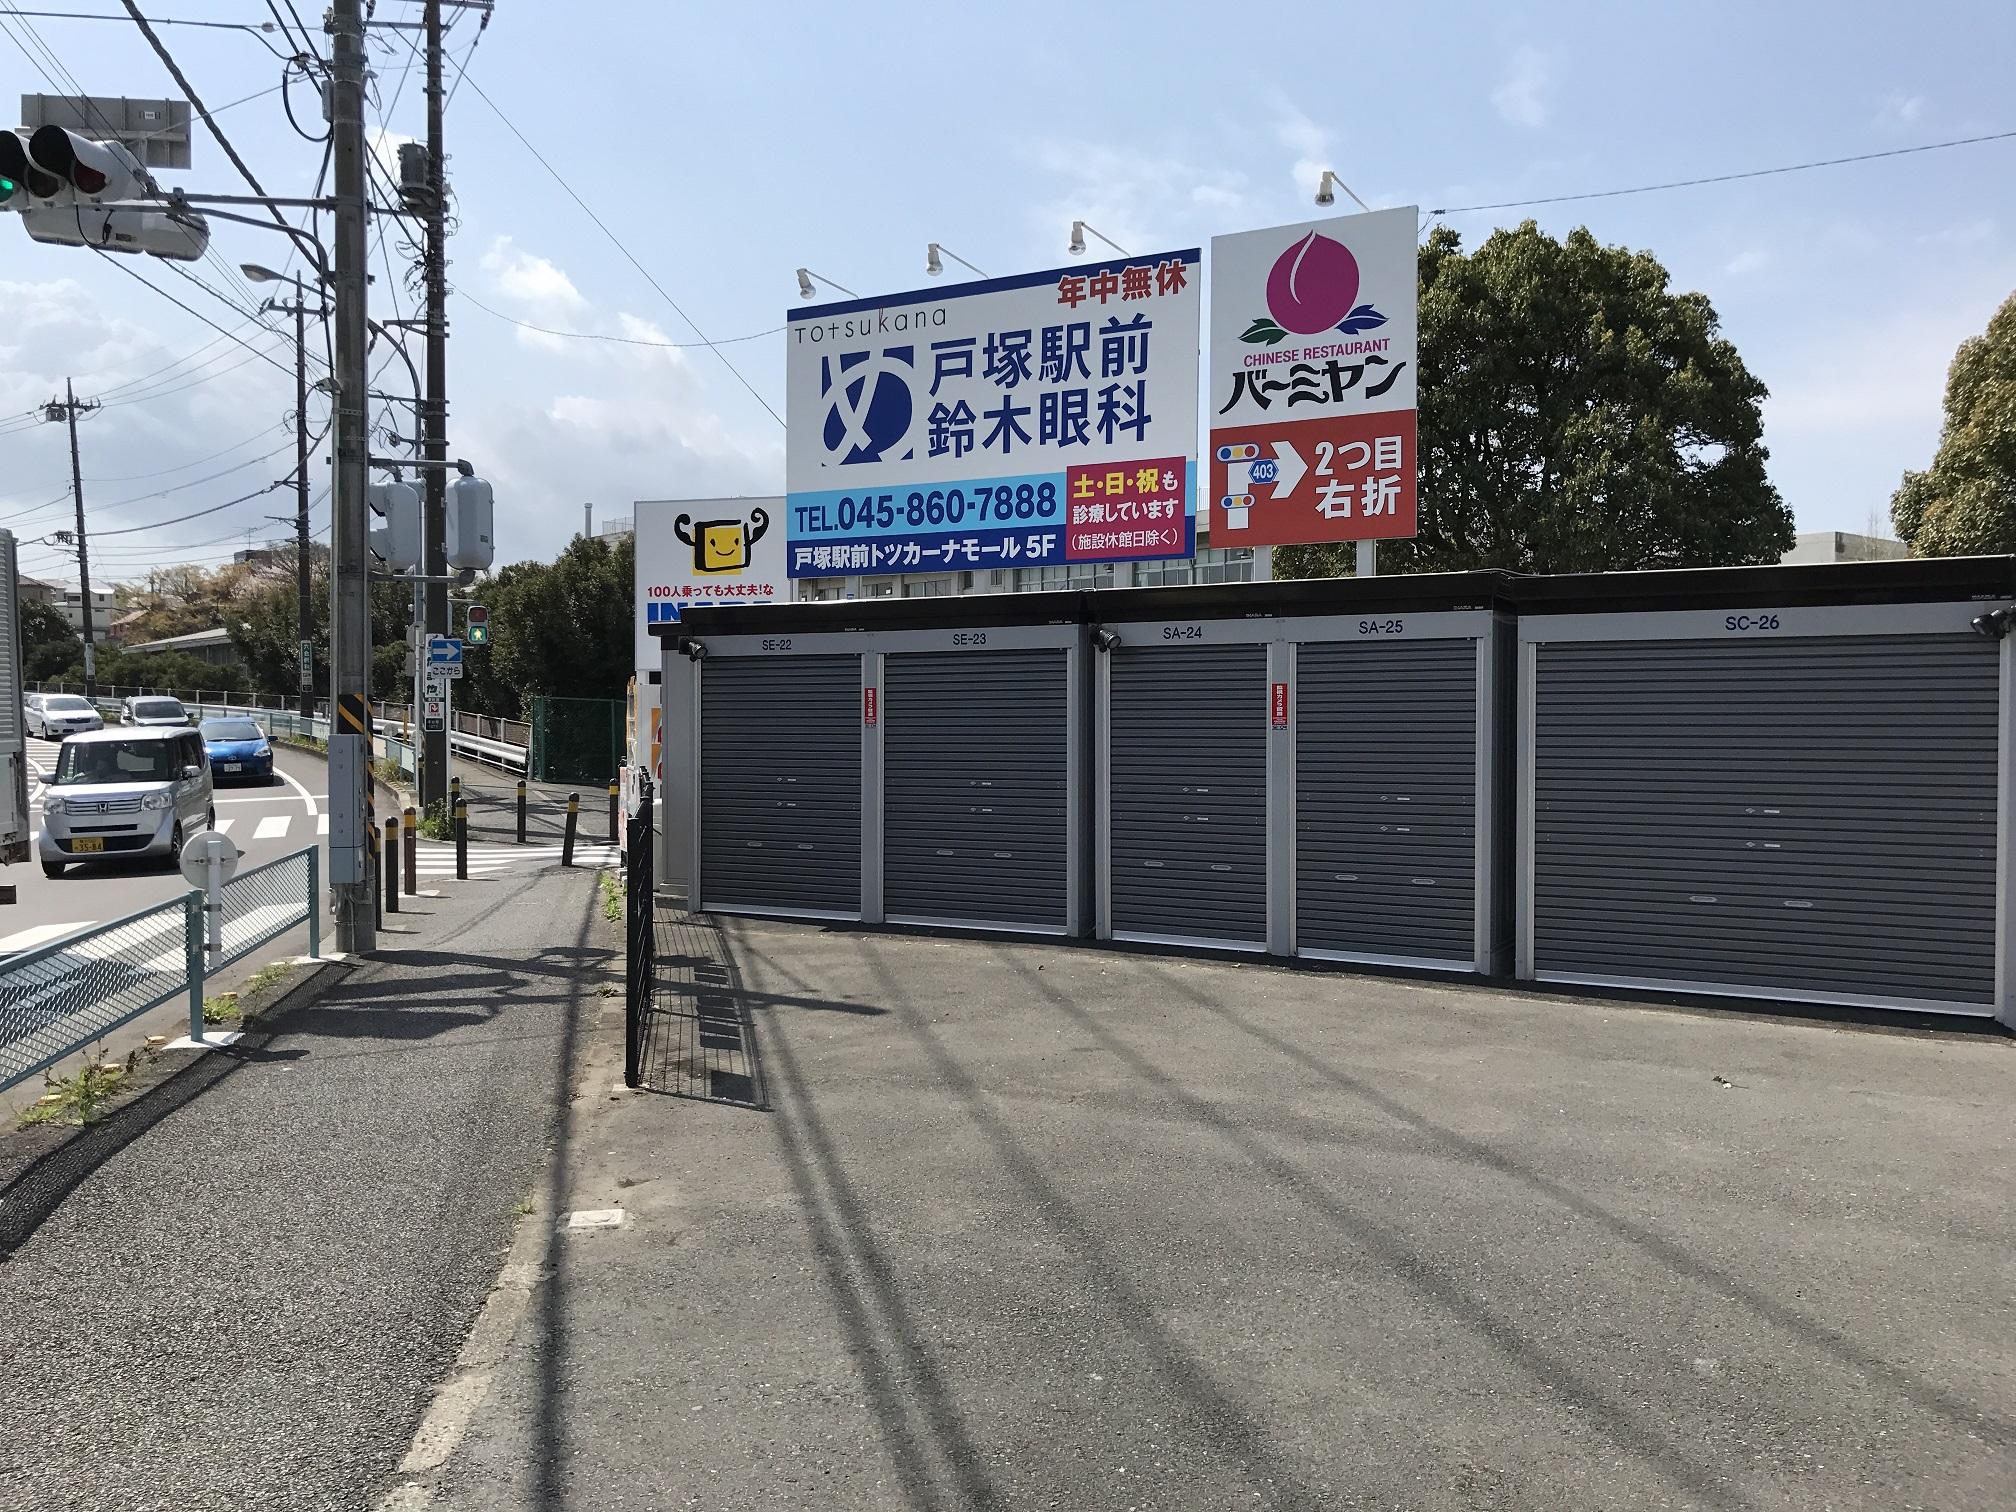 戸塚深谷町店 店舗の周辺環境